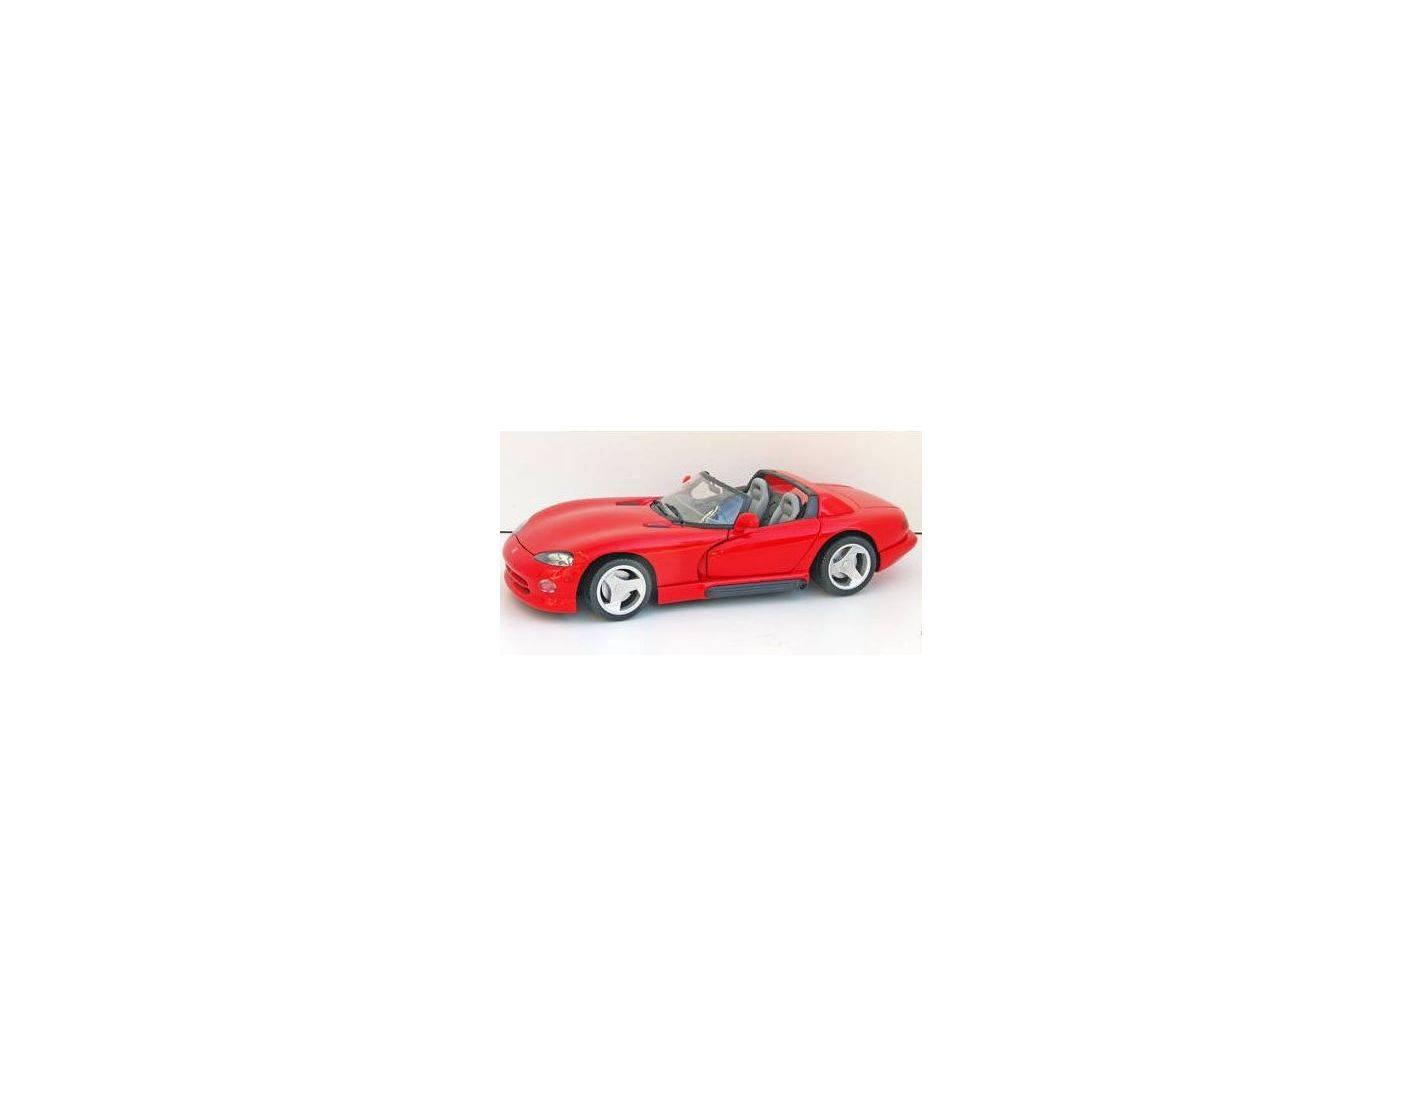 Anson 30318 DODGE VIPER RT 10 ROSSA 1:18 Modellino Scatola Rovinata